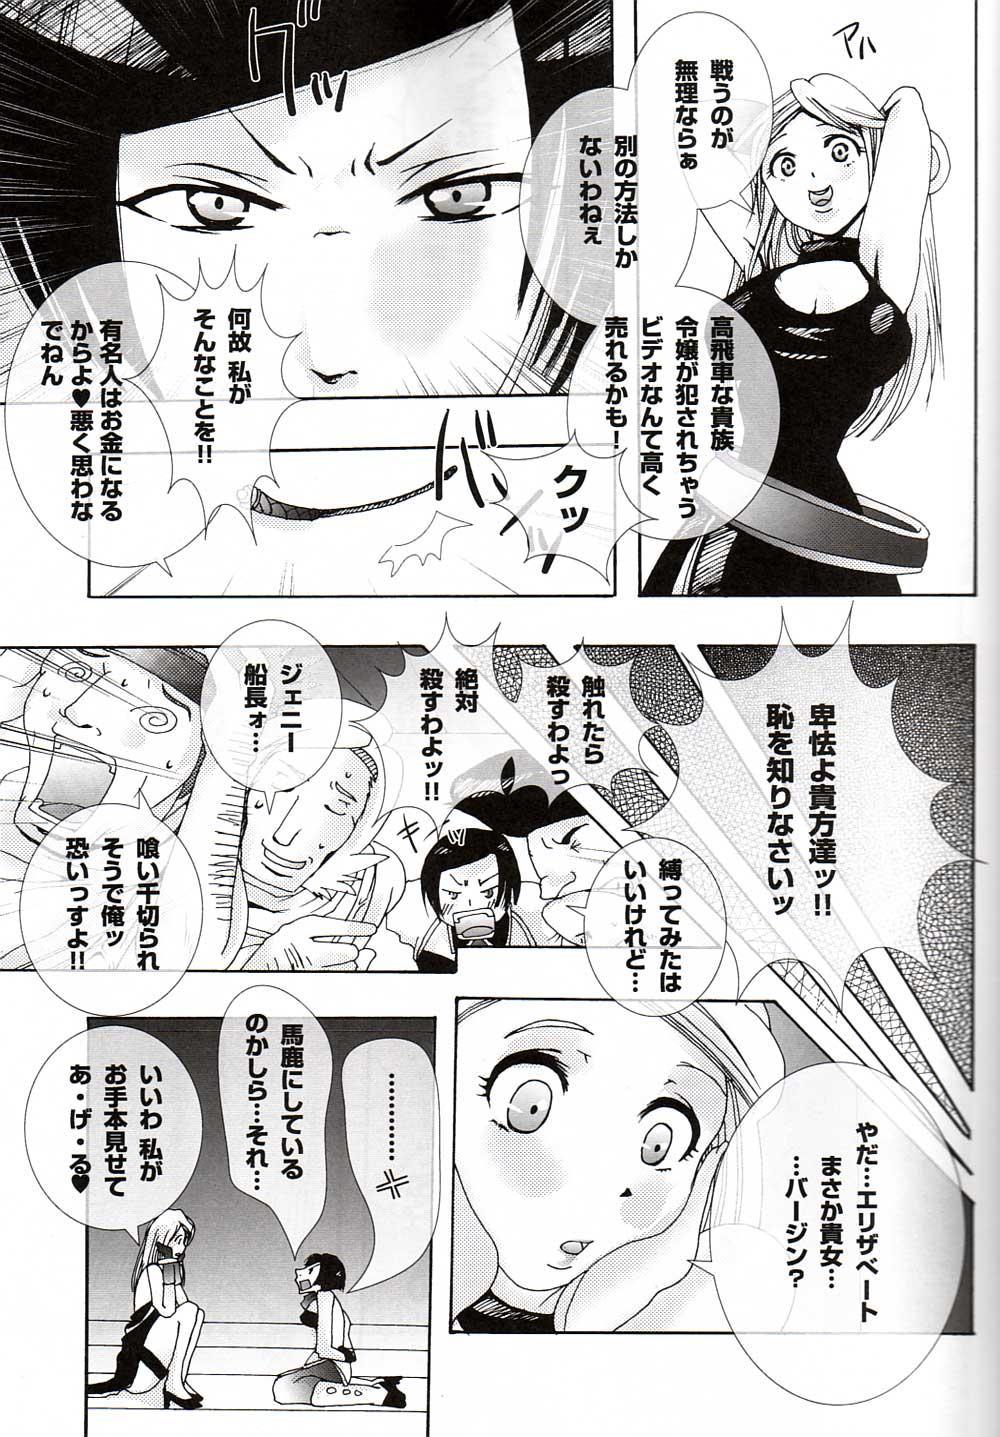 Kaizoku Kizoku 3